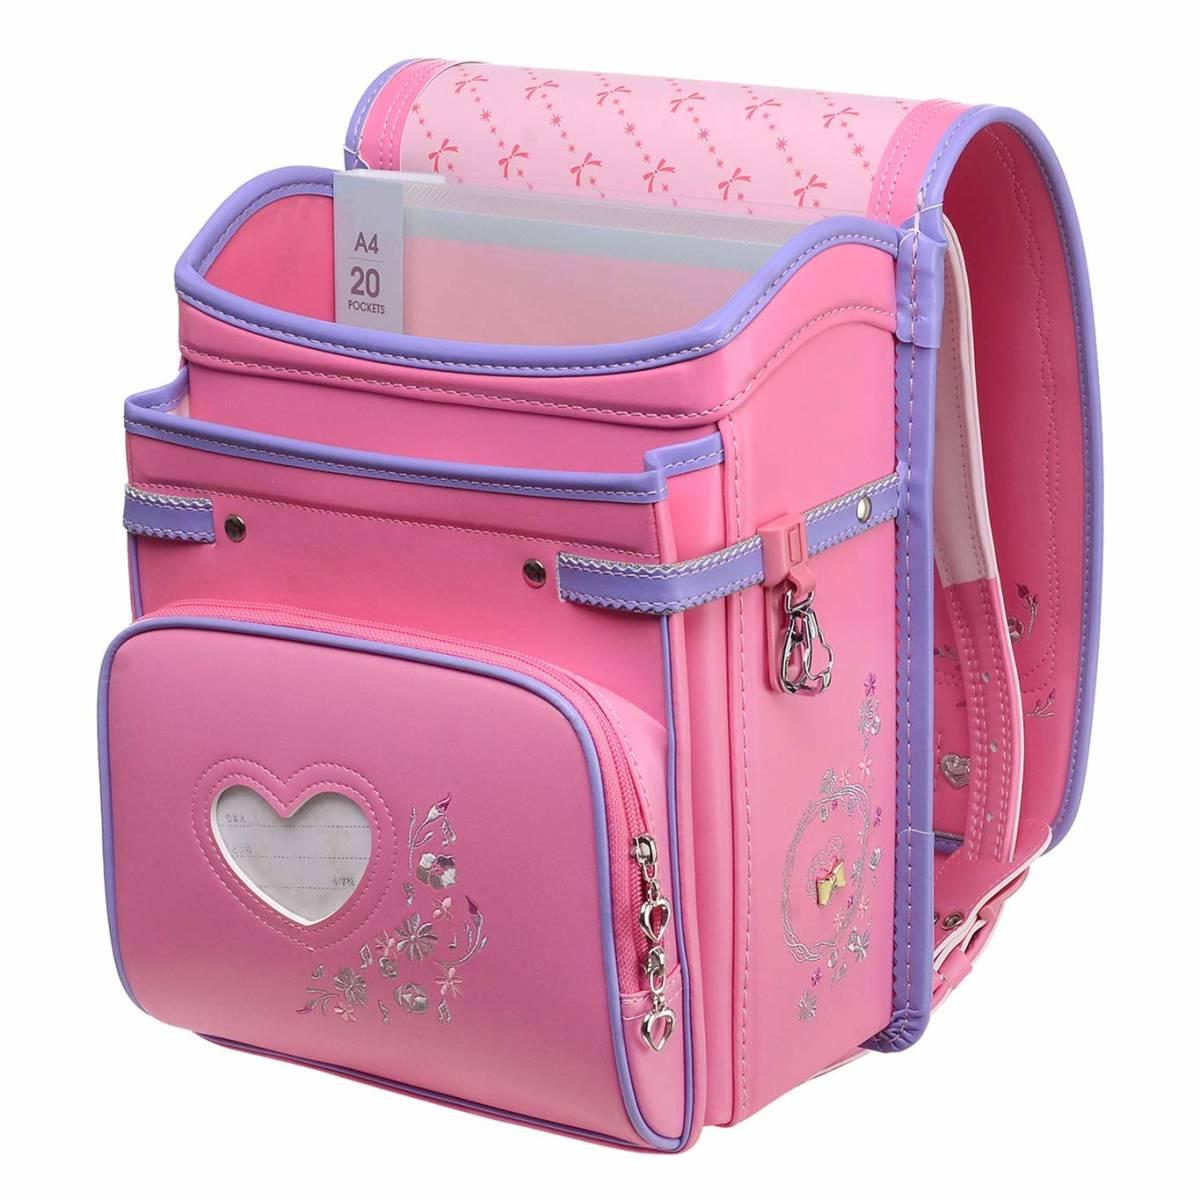 ランドセル プリンセス A4フラットファイル対応 刺繍 可愛い ピンク_画像2